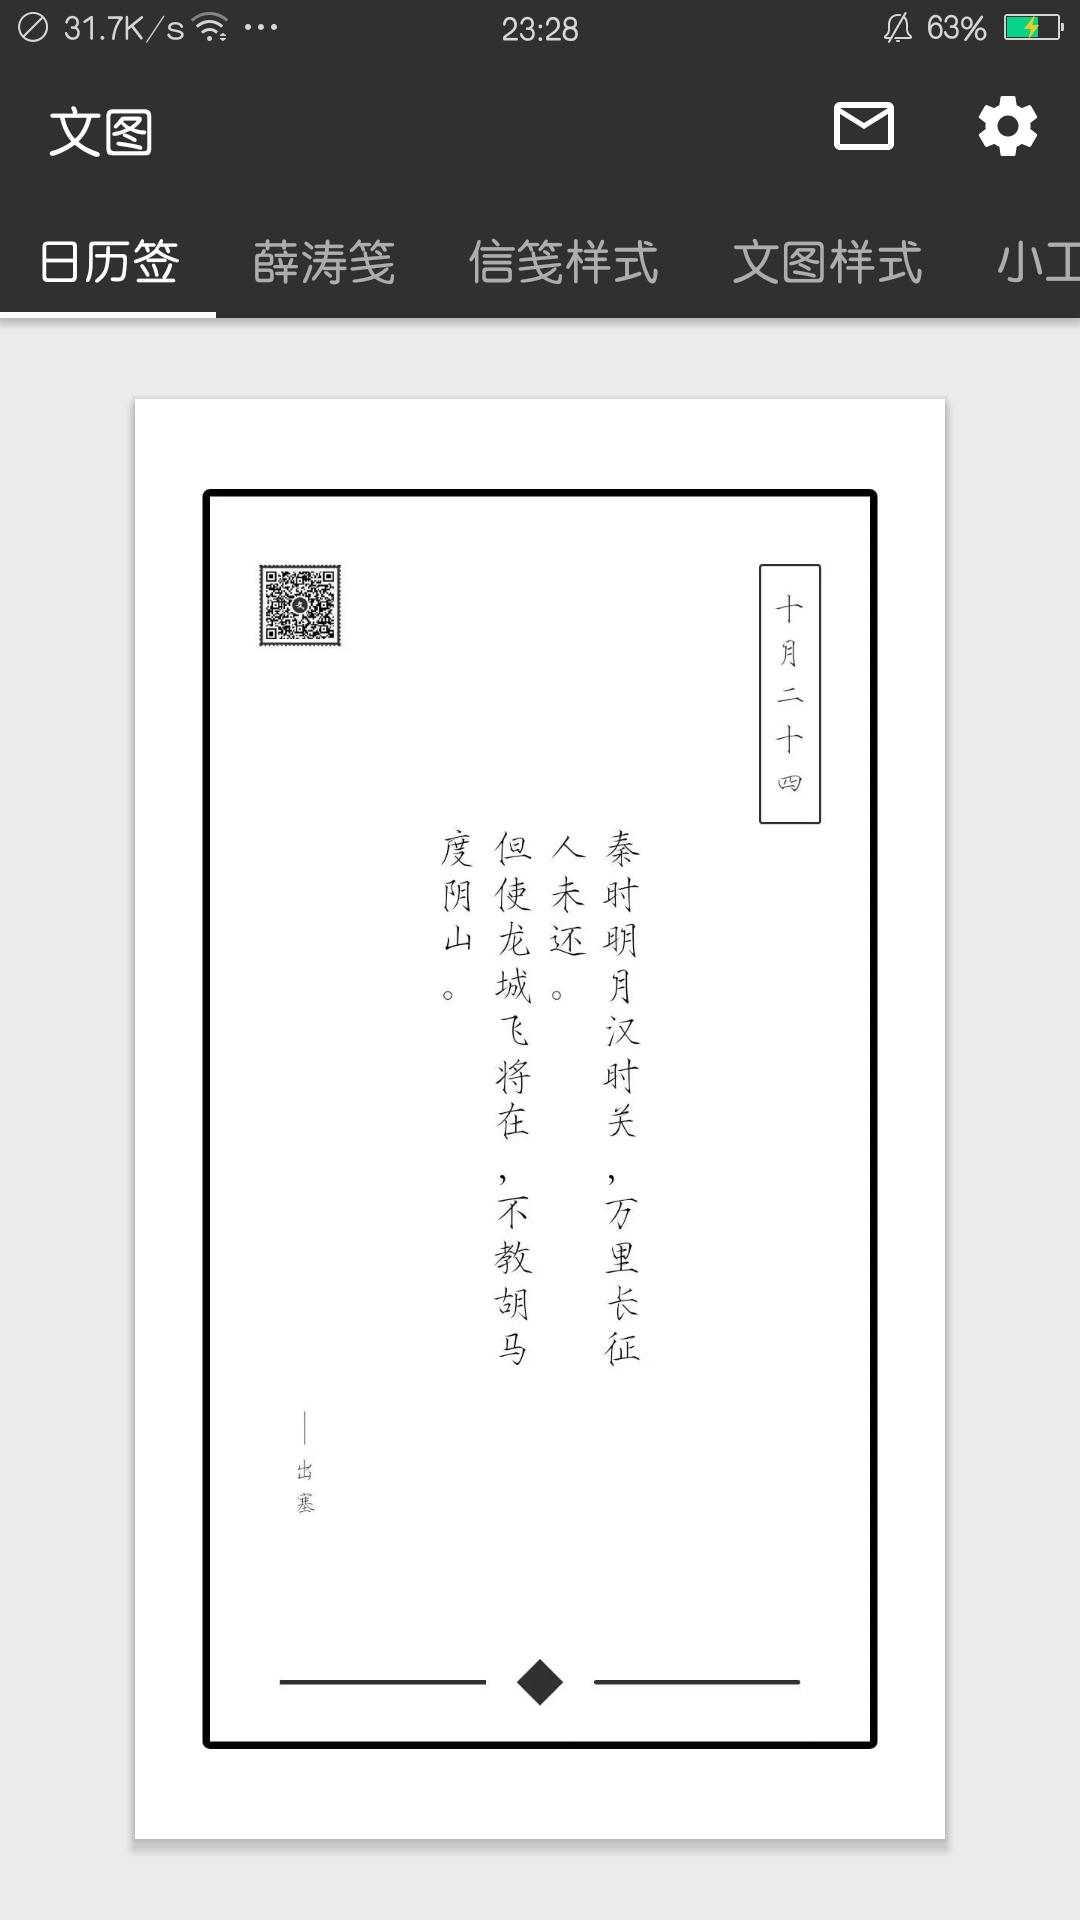 【分享】文图 3.2.0-爱小助